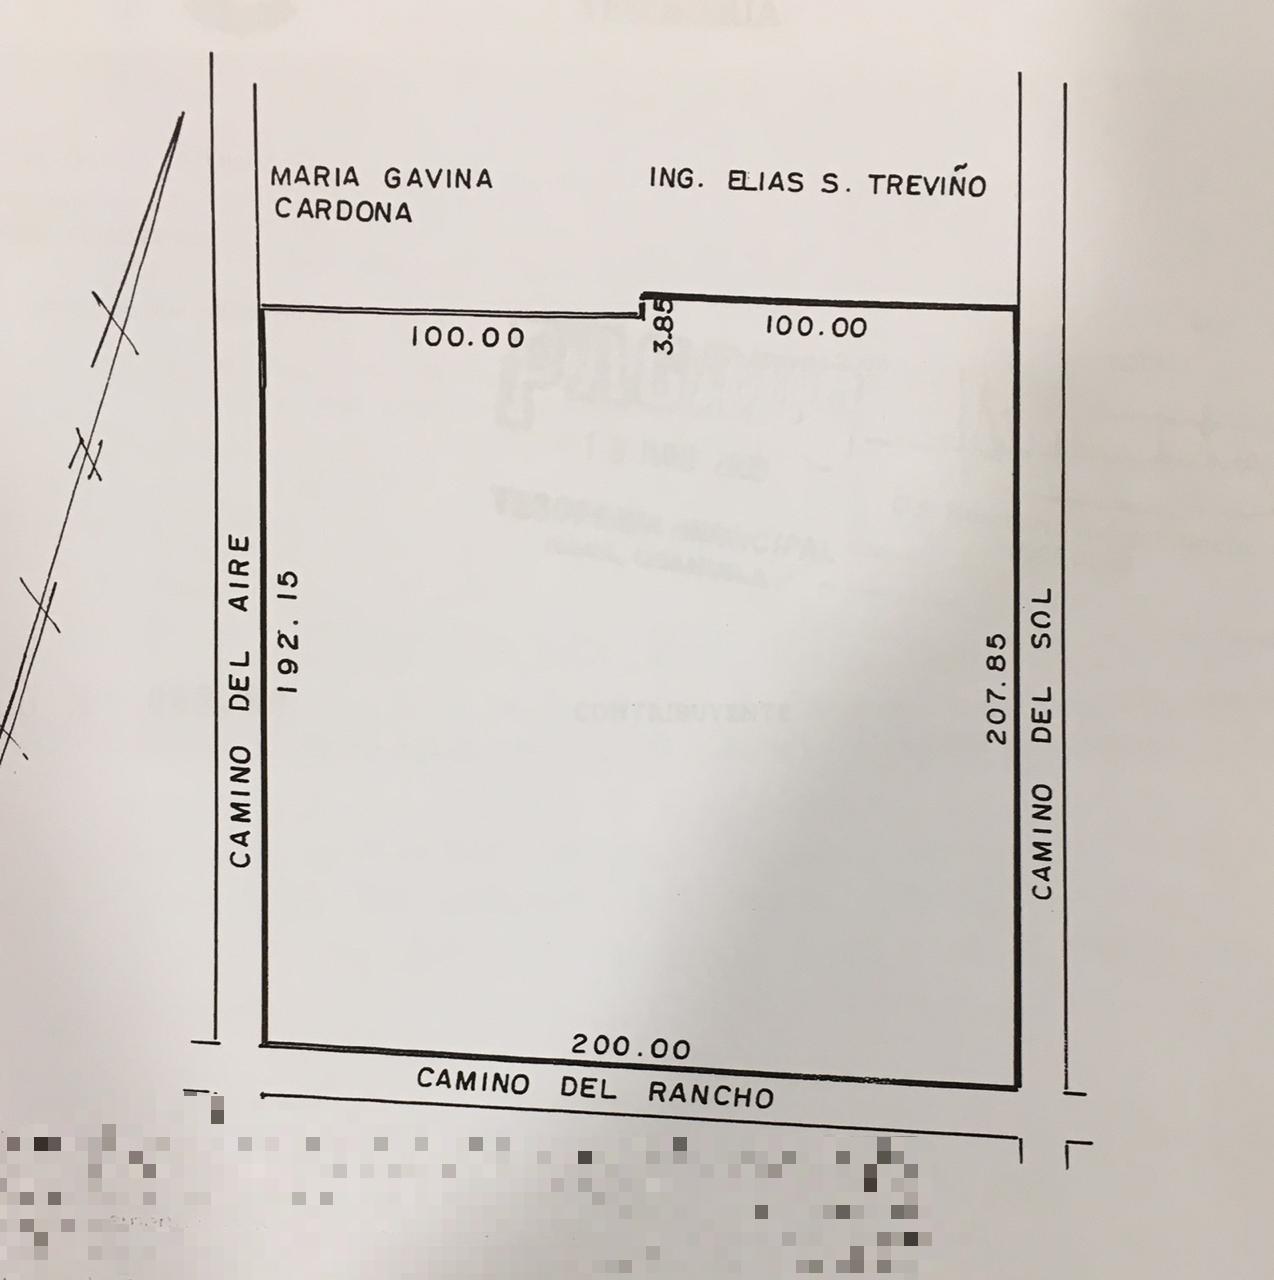 Venta de terreno en Calle. Camino del sol esquina con camino del rancho colonia Granjas las Villas en Nava, Coahuila (VT #191/18)